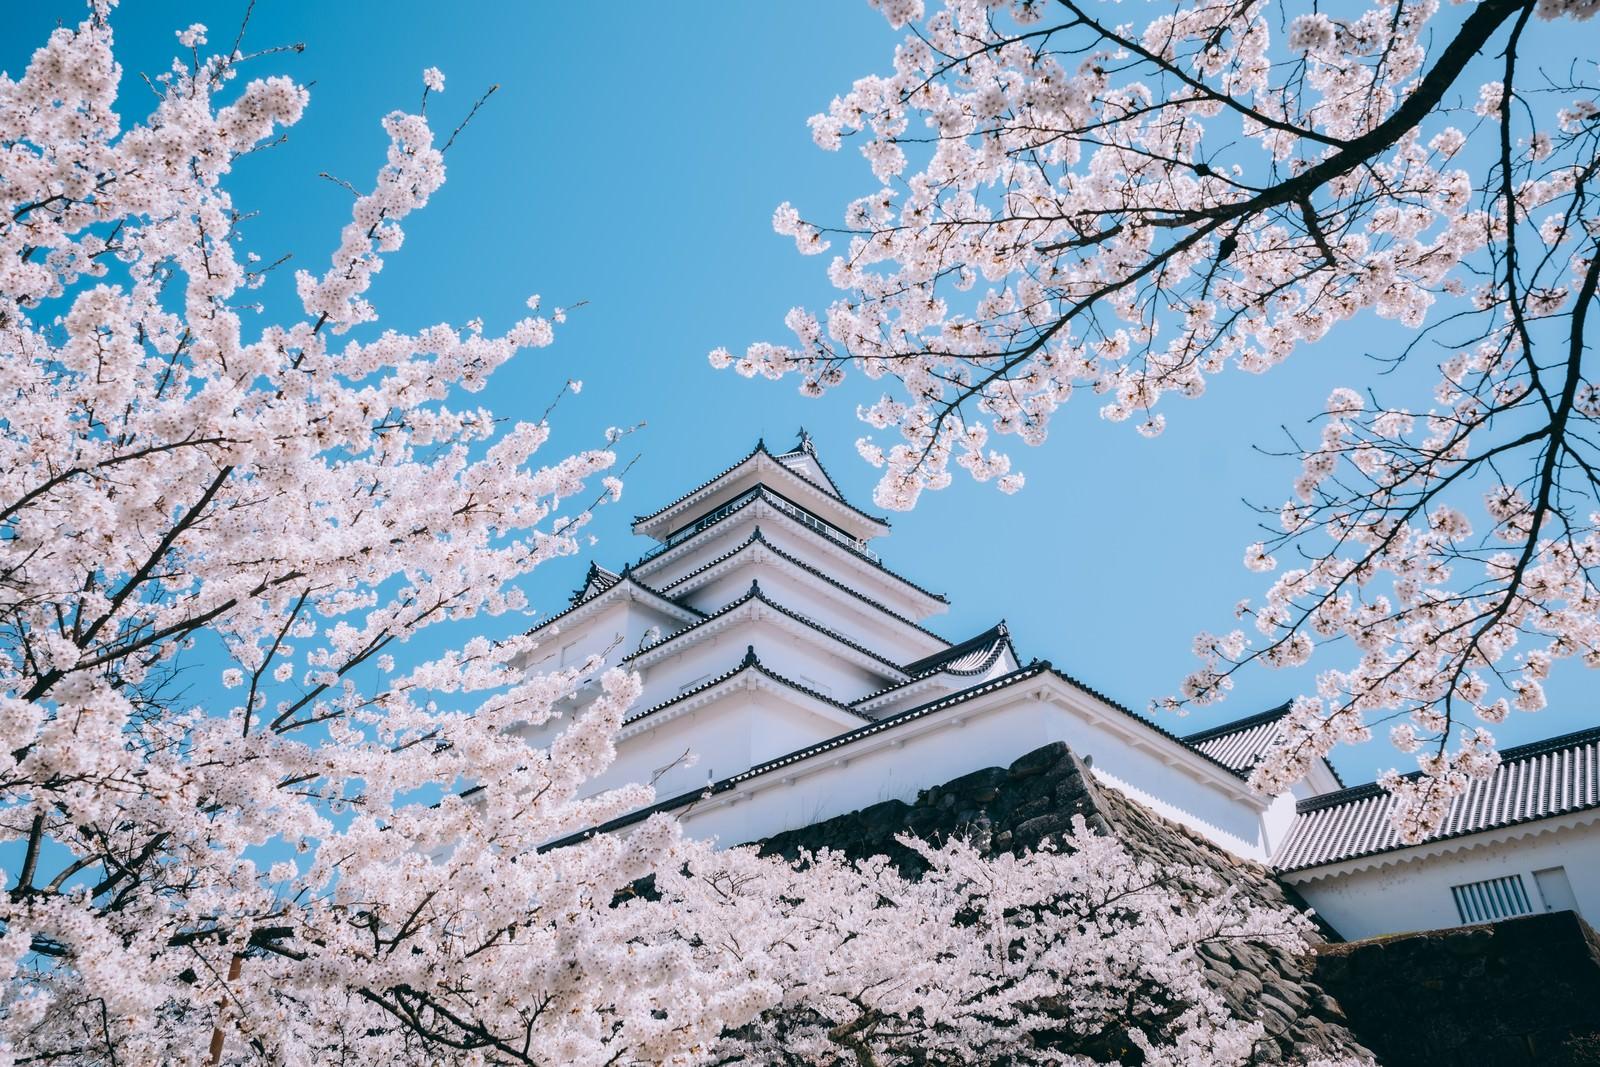 「見上げた桜と鶴ヶ城(福島県会津若松市)」の写真